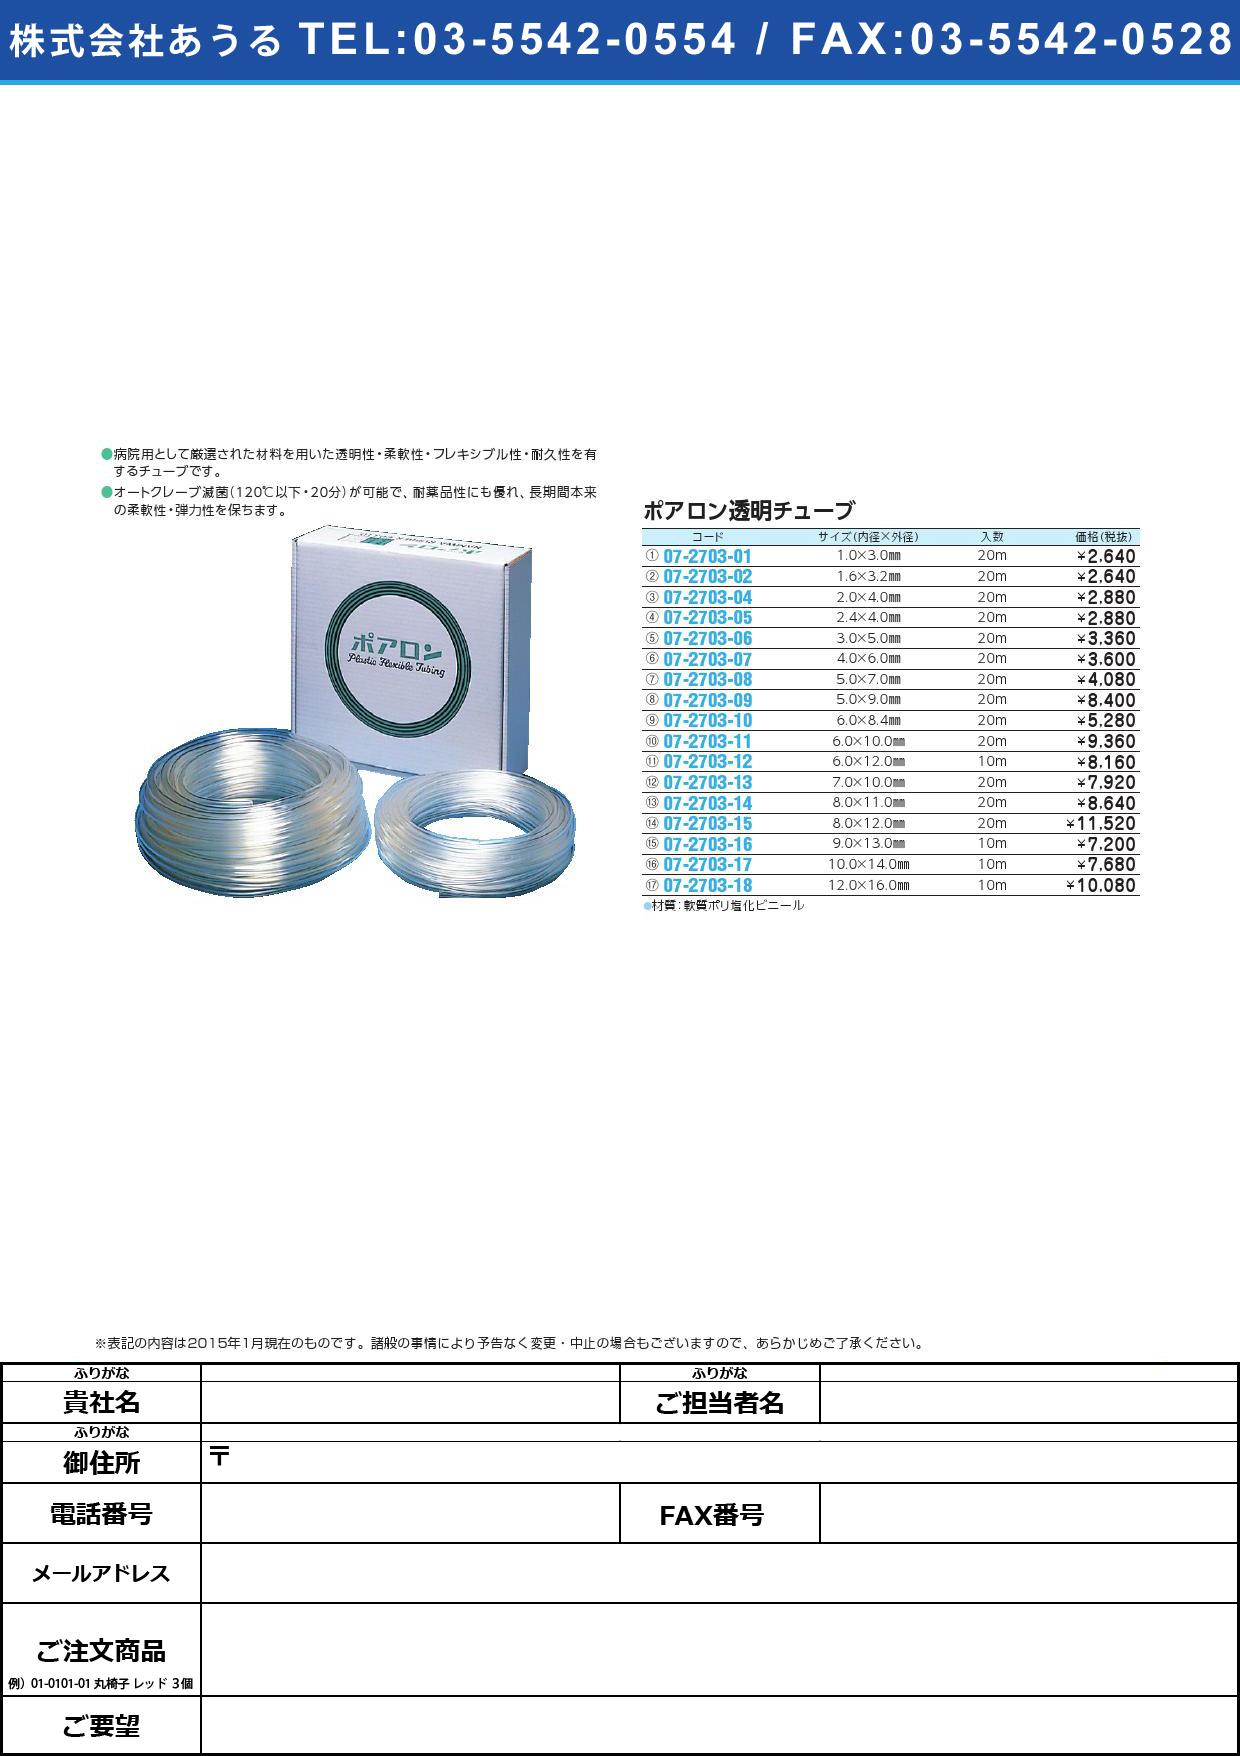 ポアロン透明チューブ ポアロントウメイチューブ 12X16MM (10Mイリ)【1箱単位】(07-2703-18)